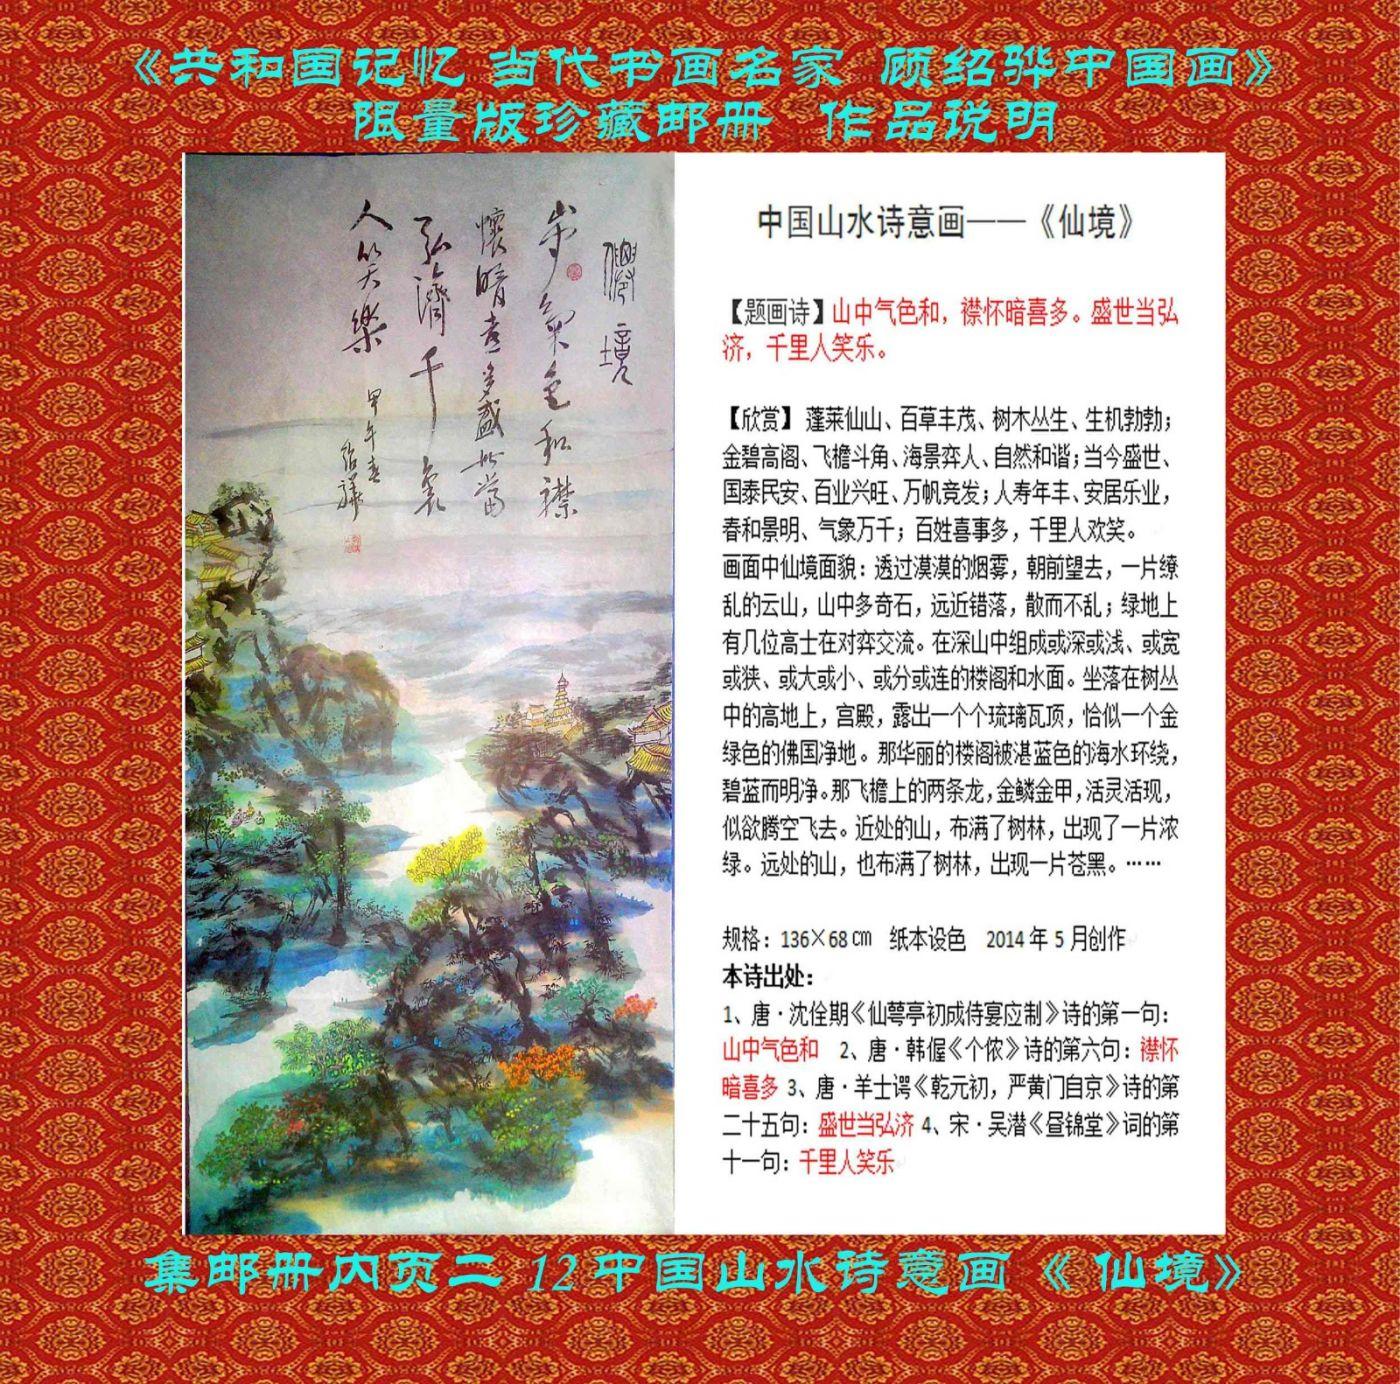 """""""顾绍骅的诗情画意""""入选《共和国记忆 ·中国书画艺术名家》限量版集邮珍藏册 ..._图1-15"""